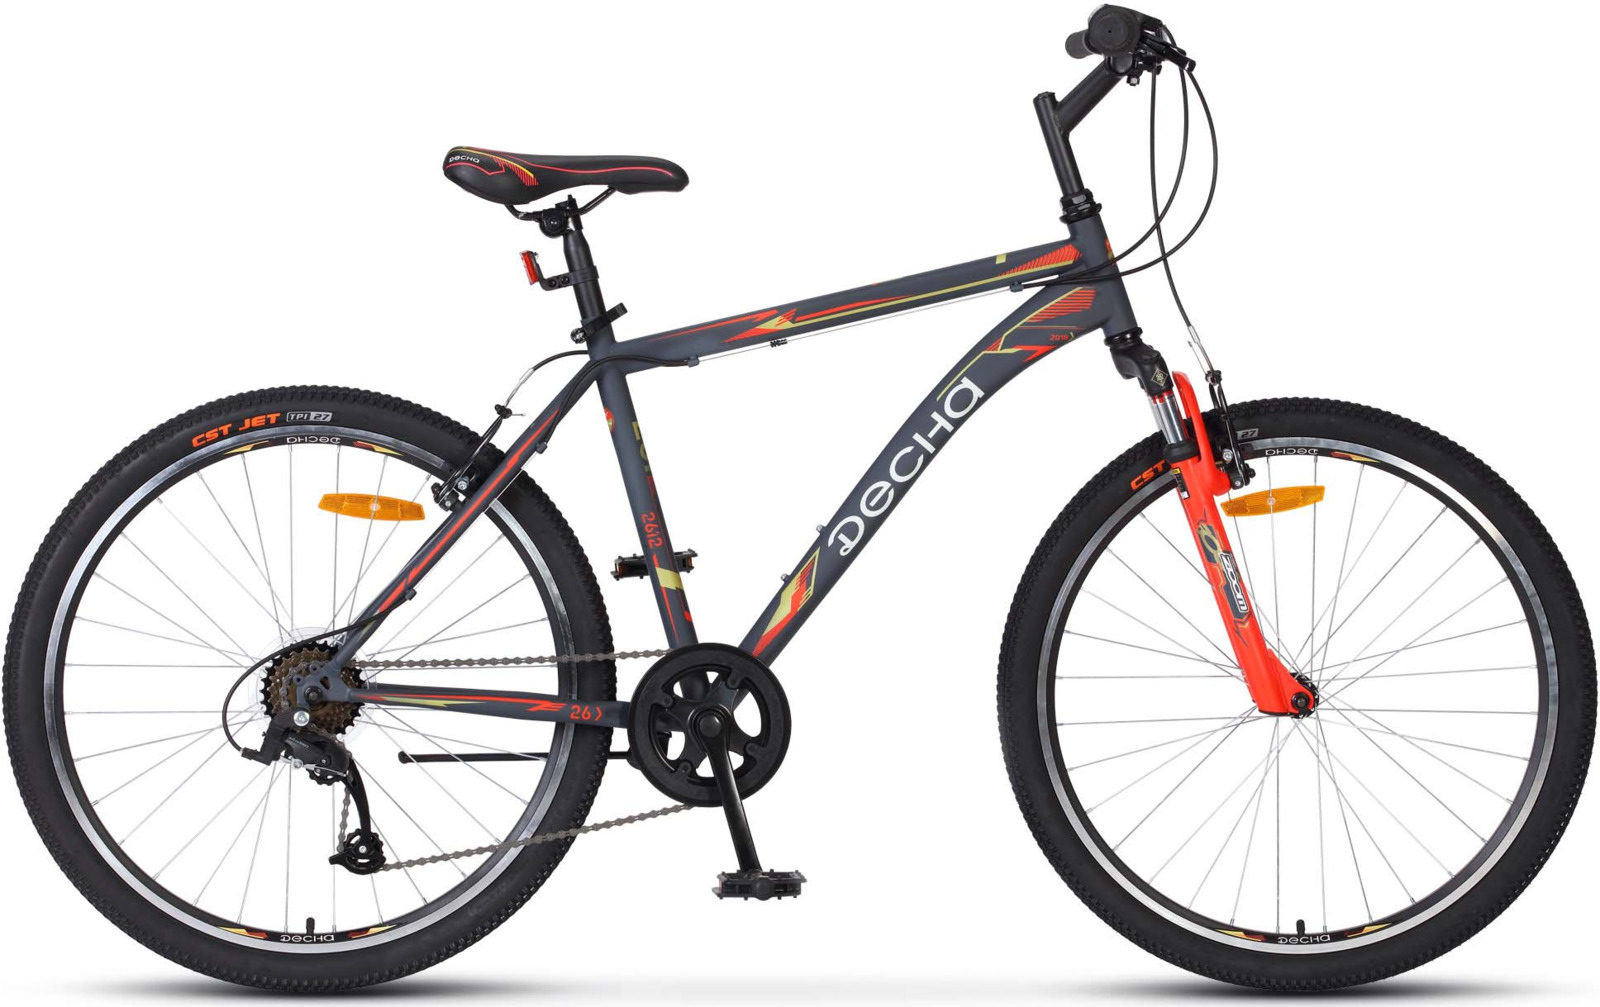 Велосипед Stels Десна-2612 V 18, KUBC0047242018, серый велосипед stels challenger v 2016